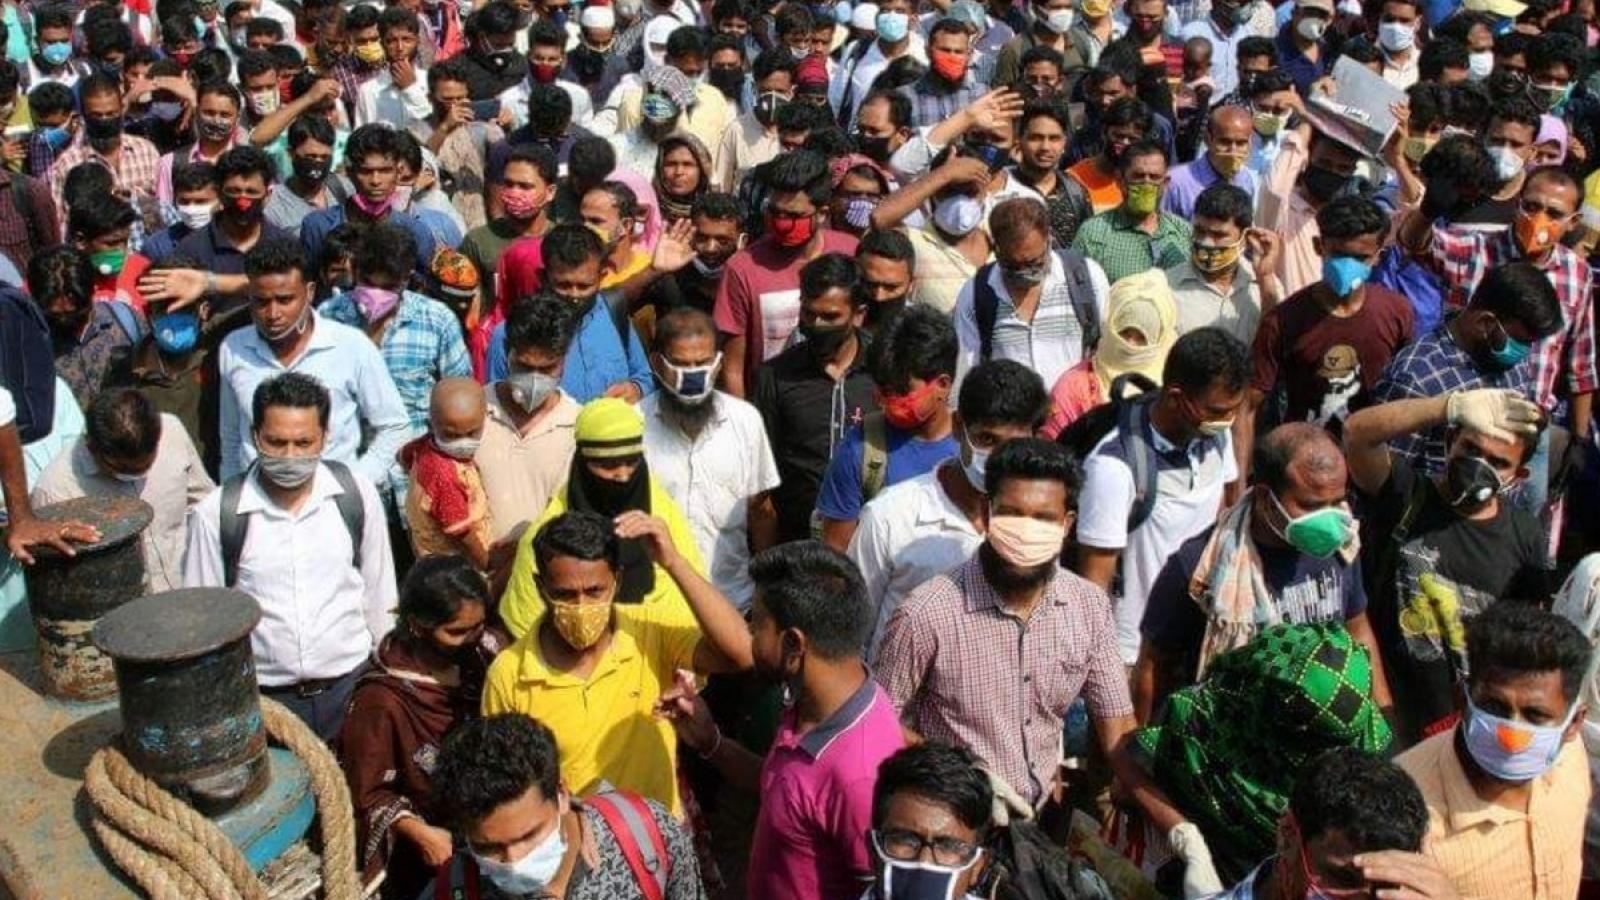 Bangladesh ban hành lệnh phong tỏa toàn quốc trong 7 ngày để chặn Covid-19